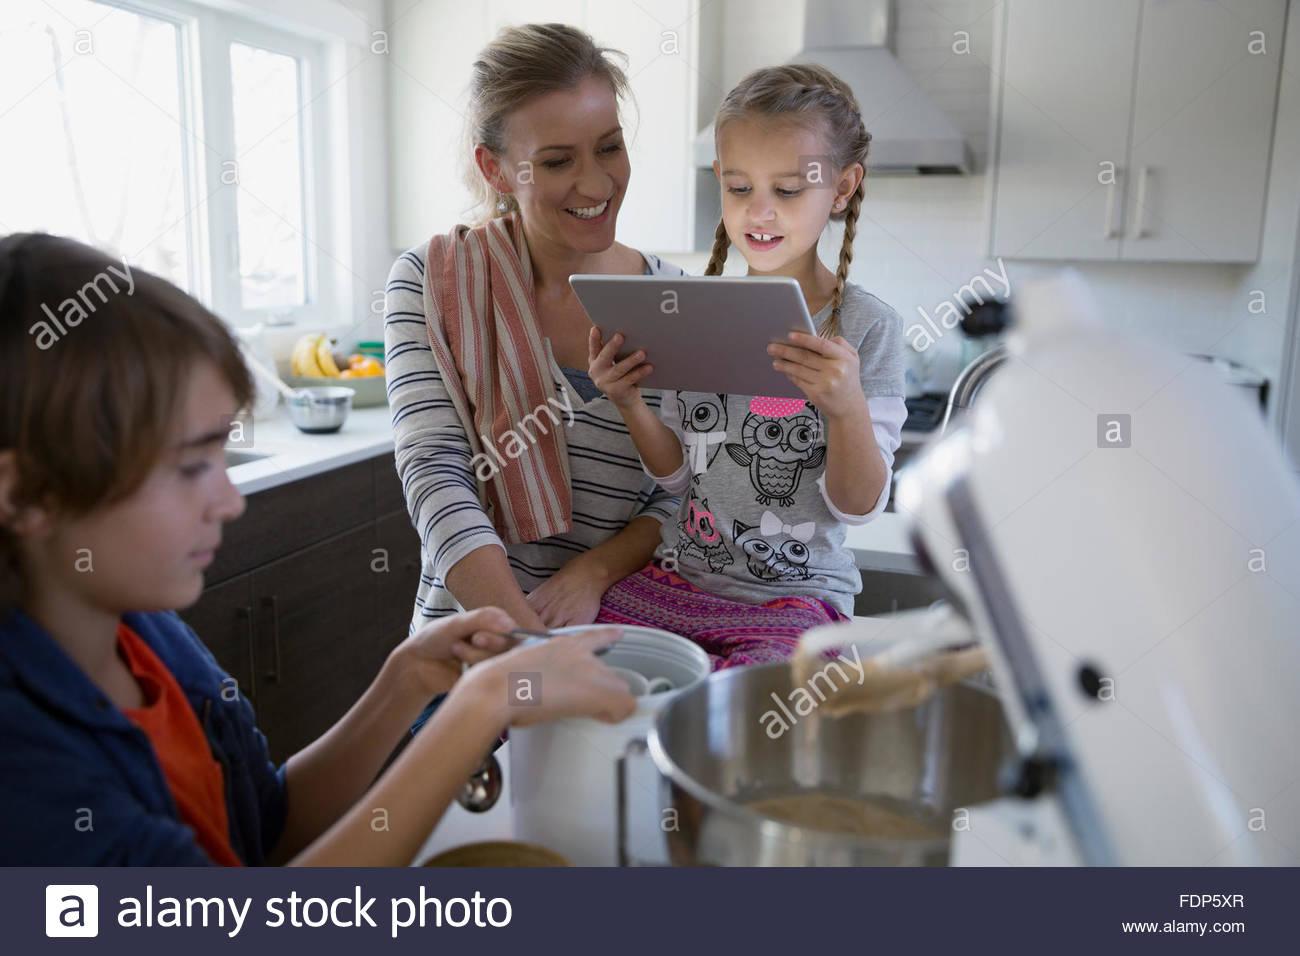 Mère et enfants avec cuisson cuisine tablette numérique Photo Stock